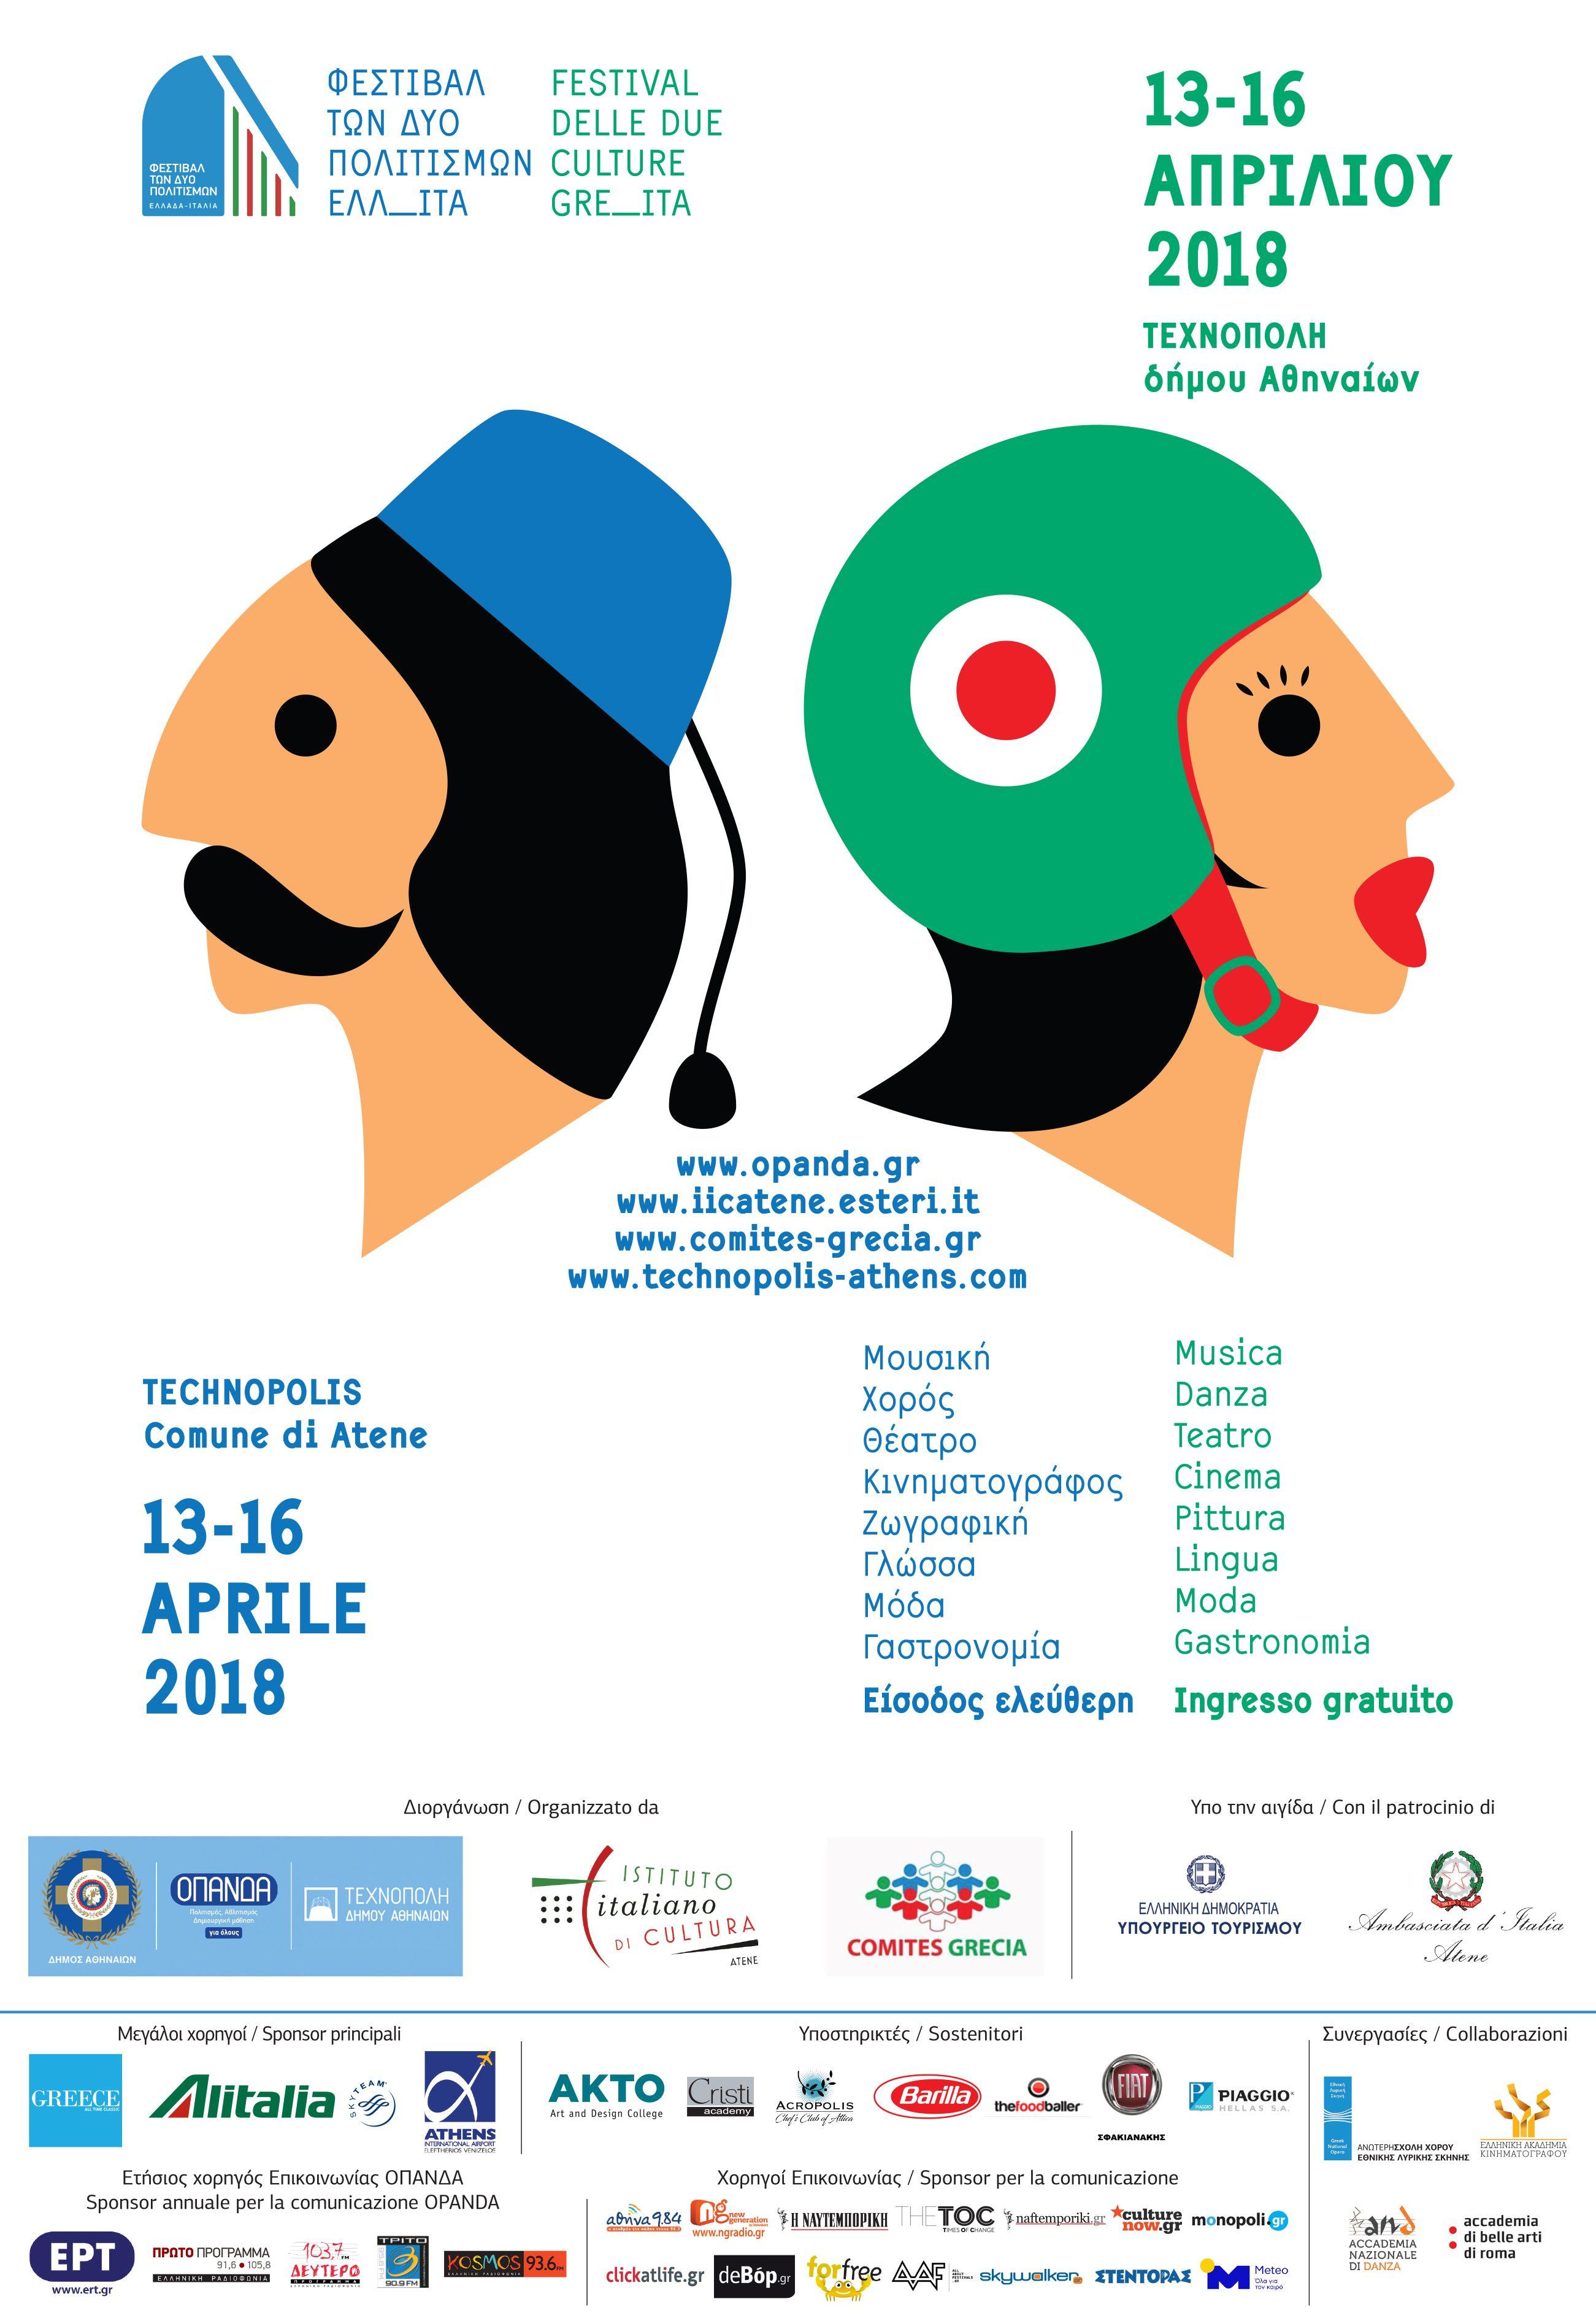 Ξεκινά αύριο στην Τεχνόπολη το «Φεστιβάλ των δύο Πολιτισμών: Ελλάδα – Ιταλία»